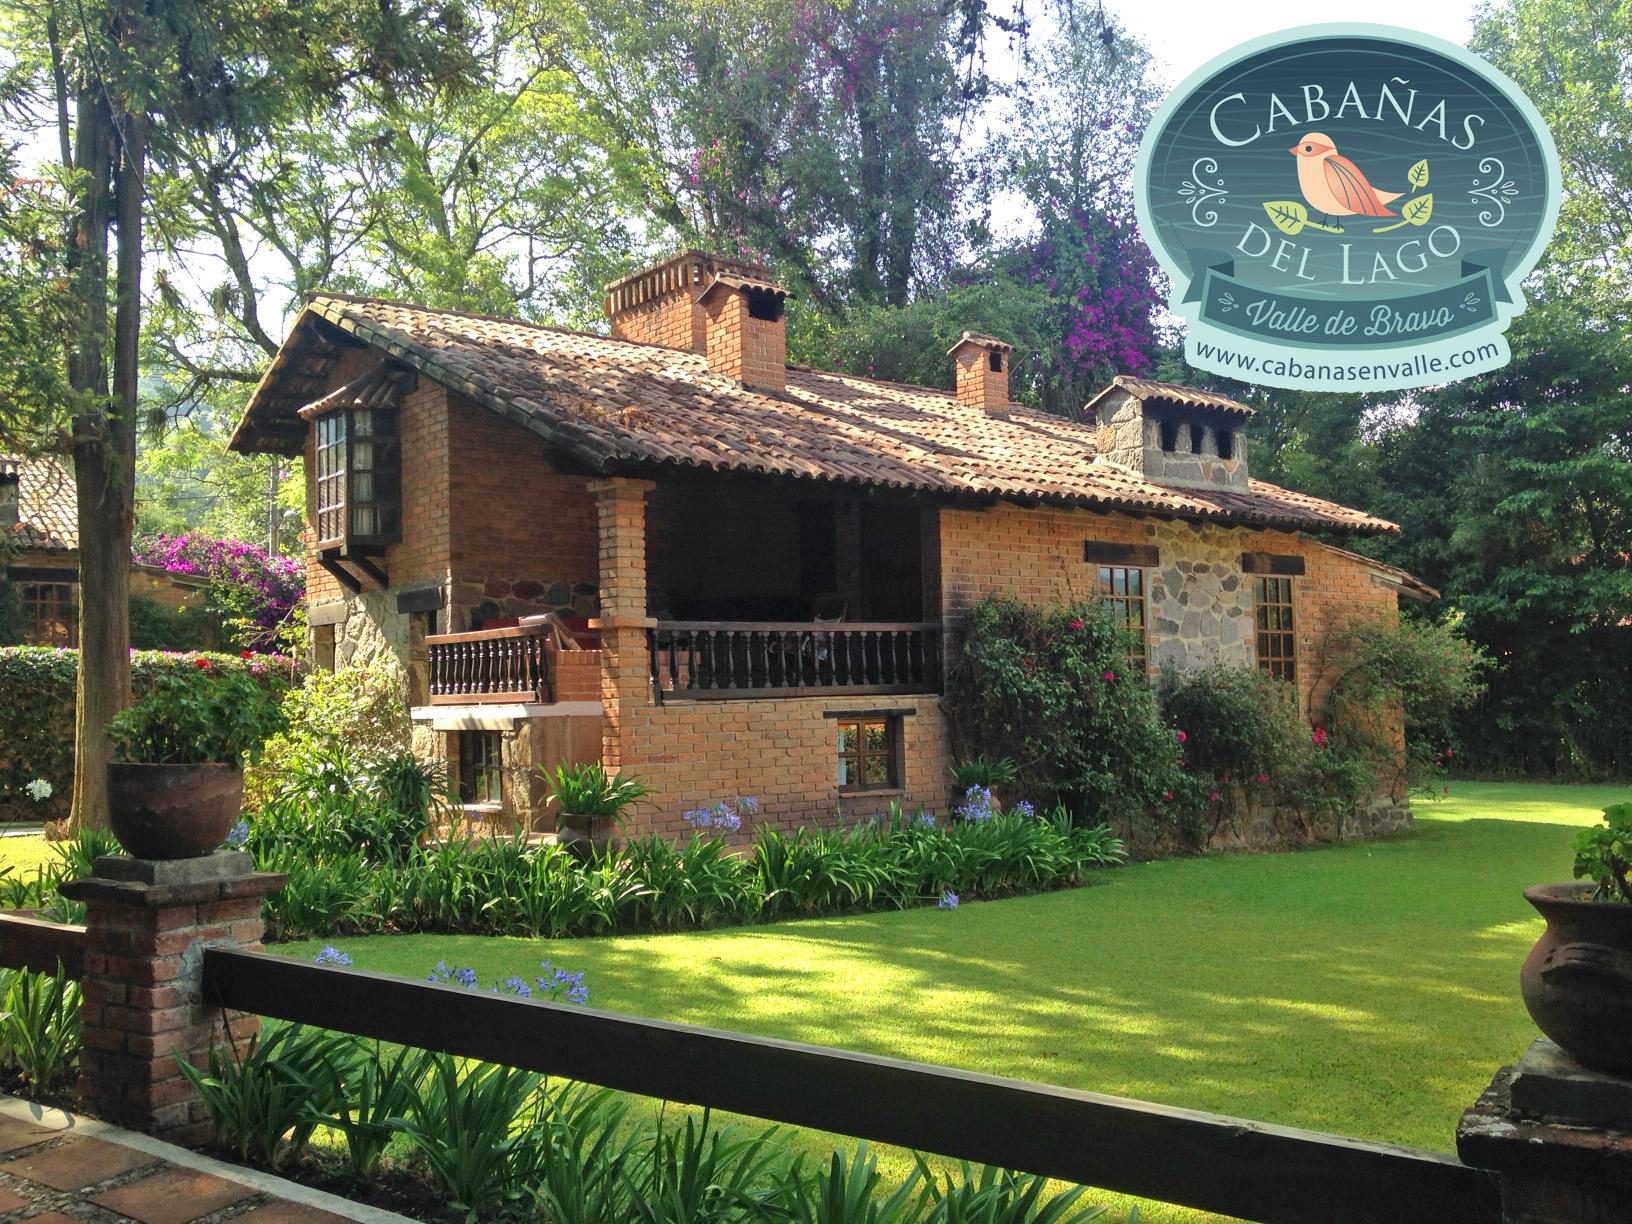 - Cabañas del Lago, el lugar ideal para hospedarse a la orilla del lago en Valle de Bravo.cabanasenvalle.com